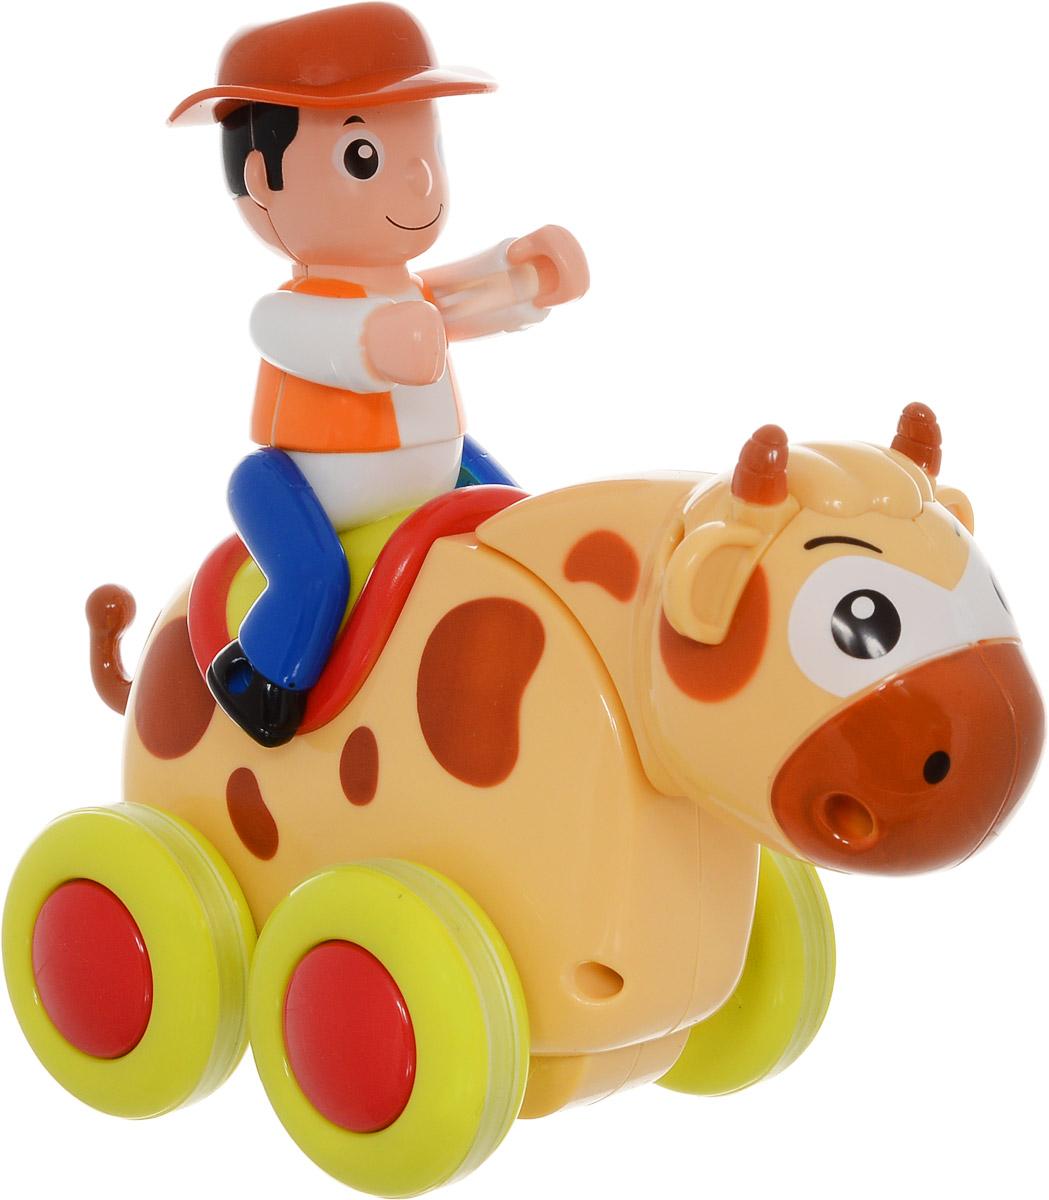 Huile Toys Машинка-игрушка Brave Bull366_Brave BullМашинка-игрушка Huile Toys Brave Bull привлечет внимание вашего малыша и не позволит ему скучать! Выполненная из безопасного пластика с элементами из металла, игрушка представляет собой забавную машинку в виде быка с наездником. Во время движения бык покачивает головой, руки наездника подвижны. Игрушка поможет ребенку в развитии воображения, мелкой моторики рук и цветового восприятия.